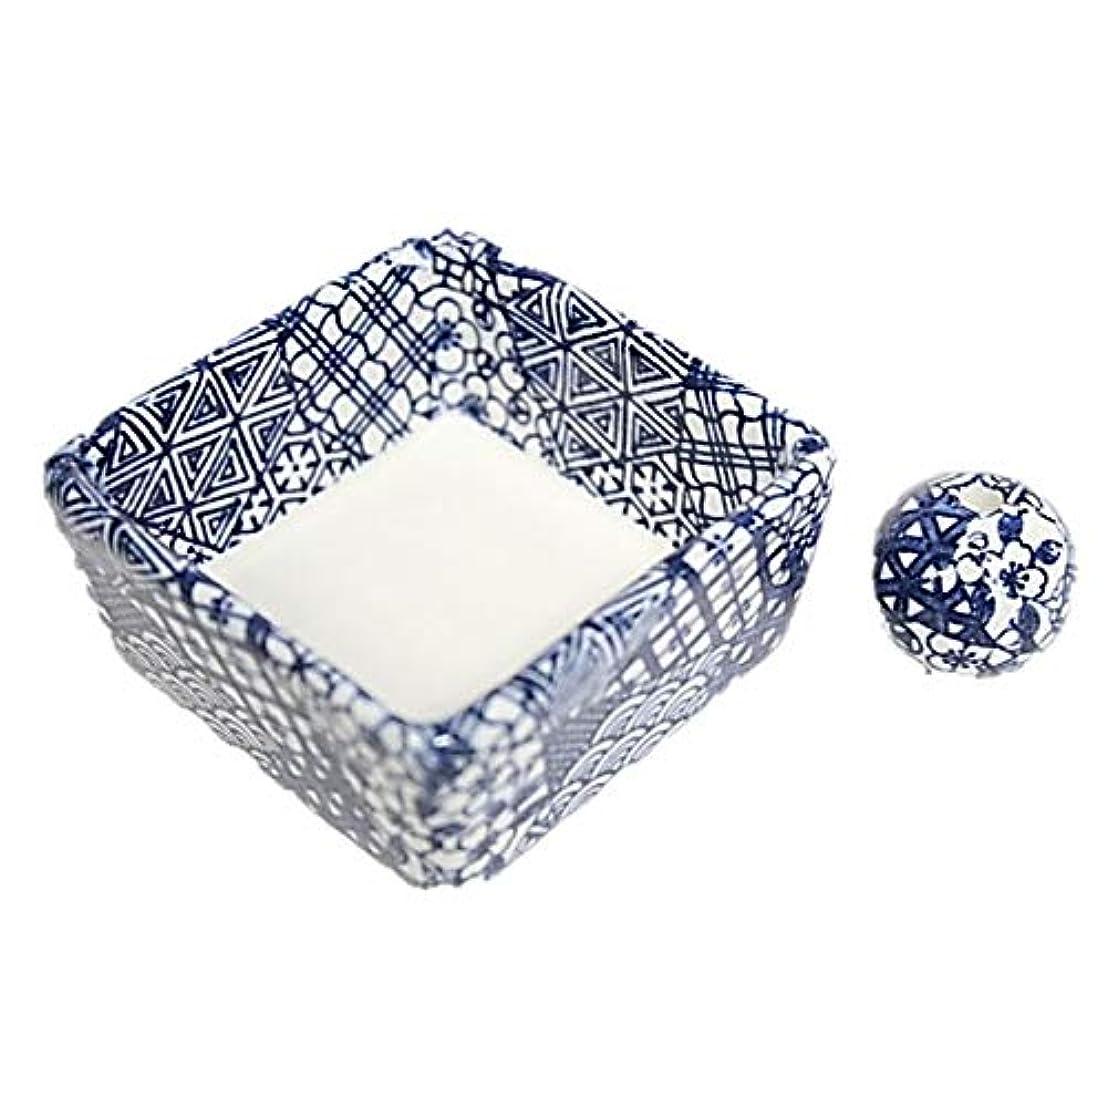 予約から聞くインチ和モダン 五条 お香立て 陶器 角鉢 製造直売品